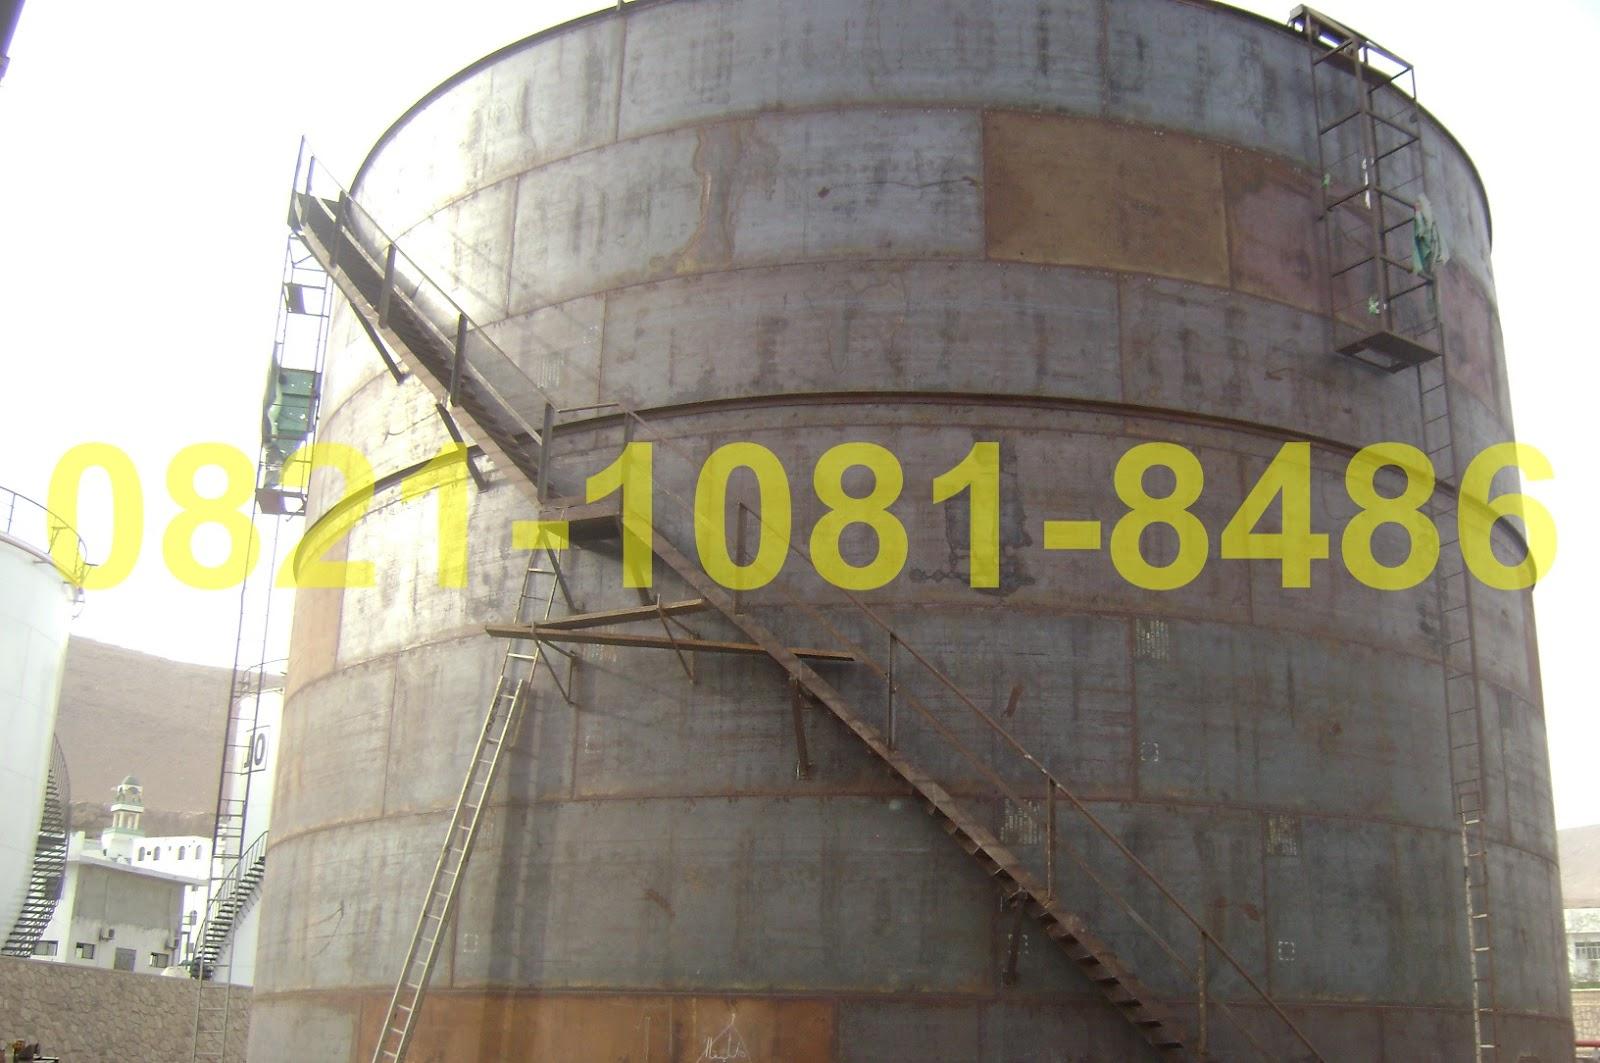 Jasa Fabrikasi Storage Tank Wilayah Cibitung Dan Sekitarnya Roll Walk Through Metal Detector 21 Zone Krisbow Kw1600009